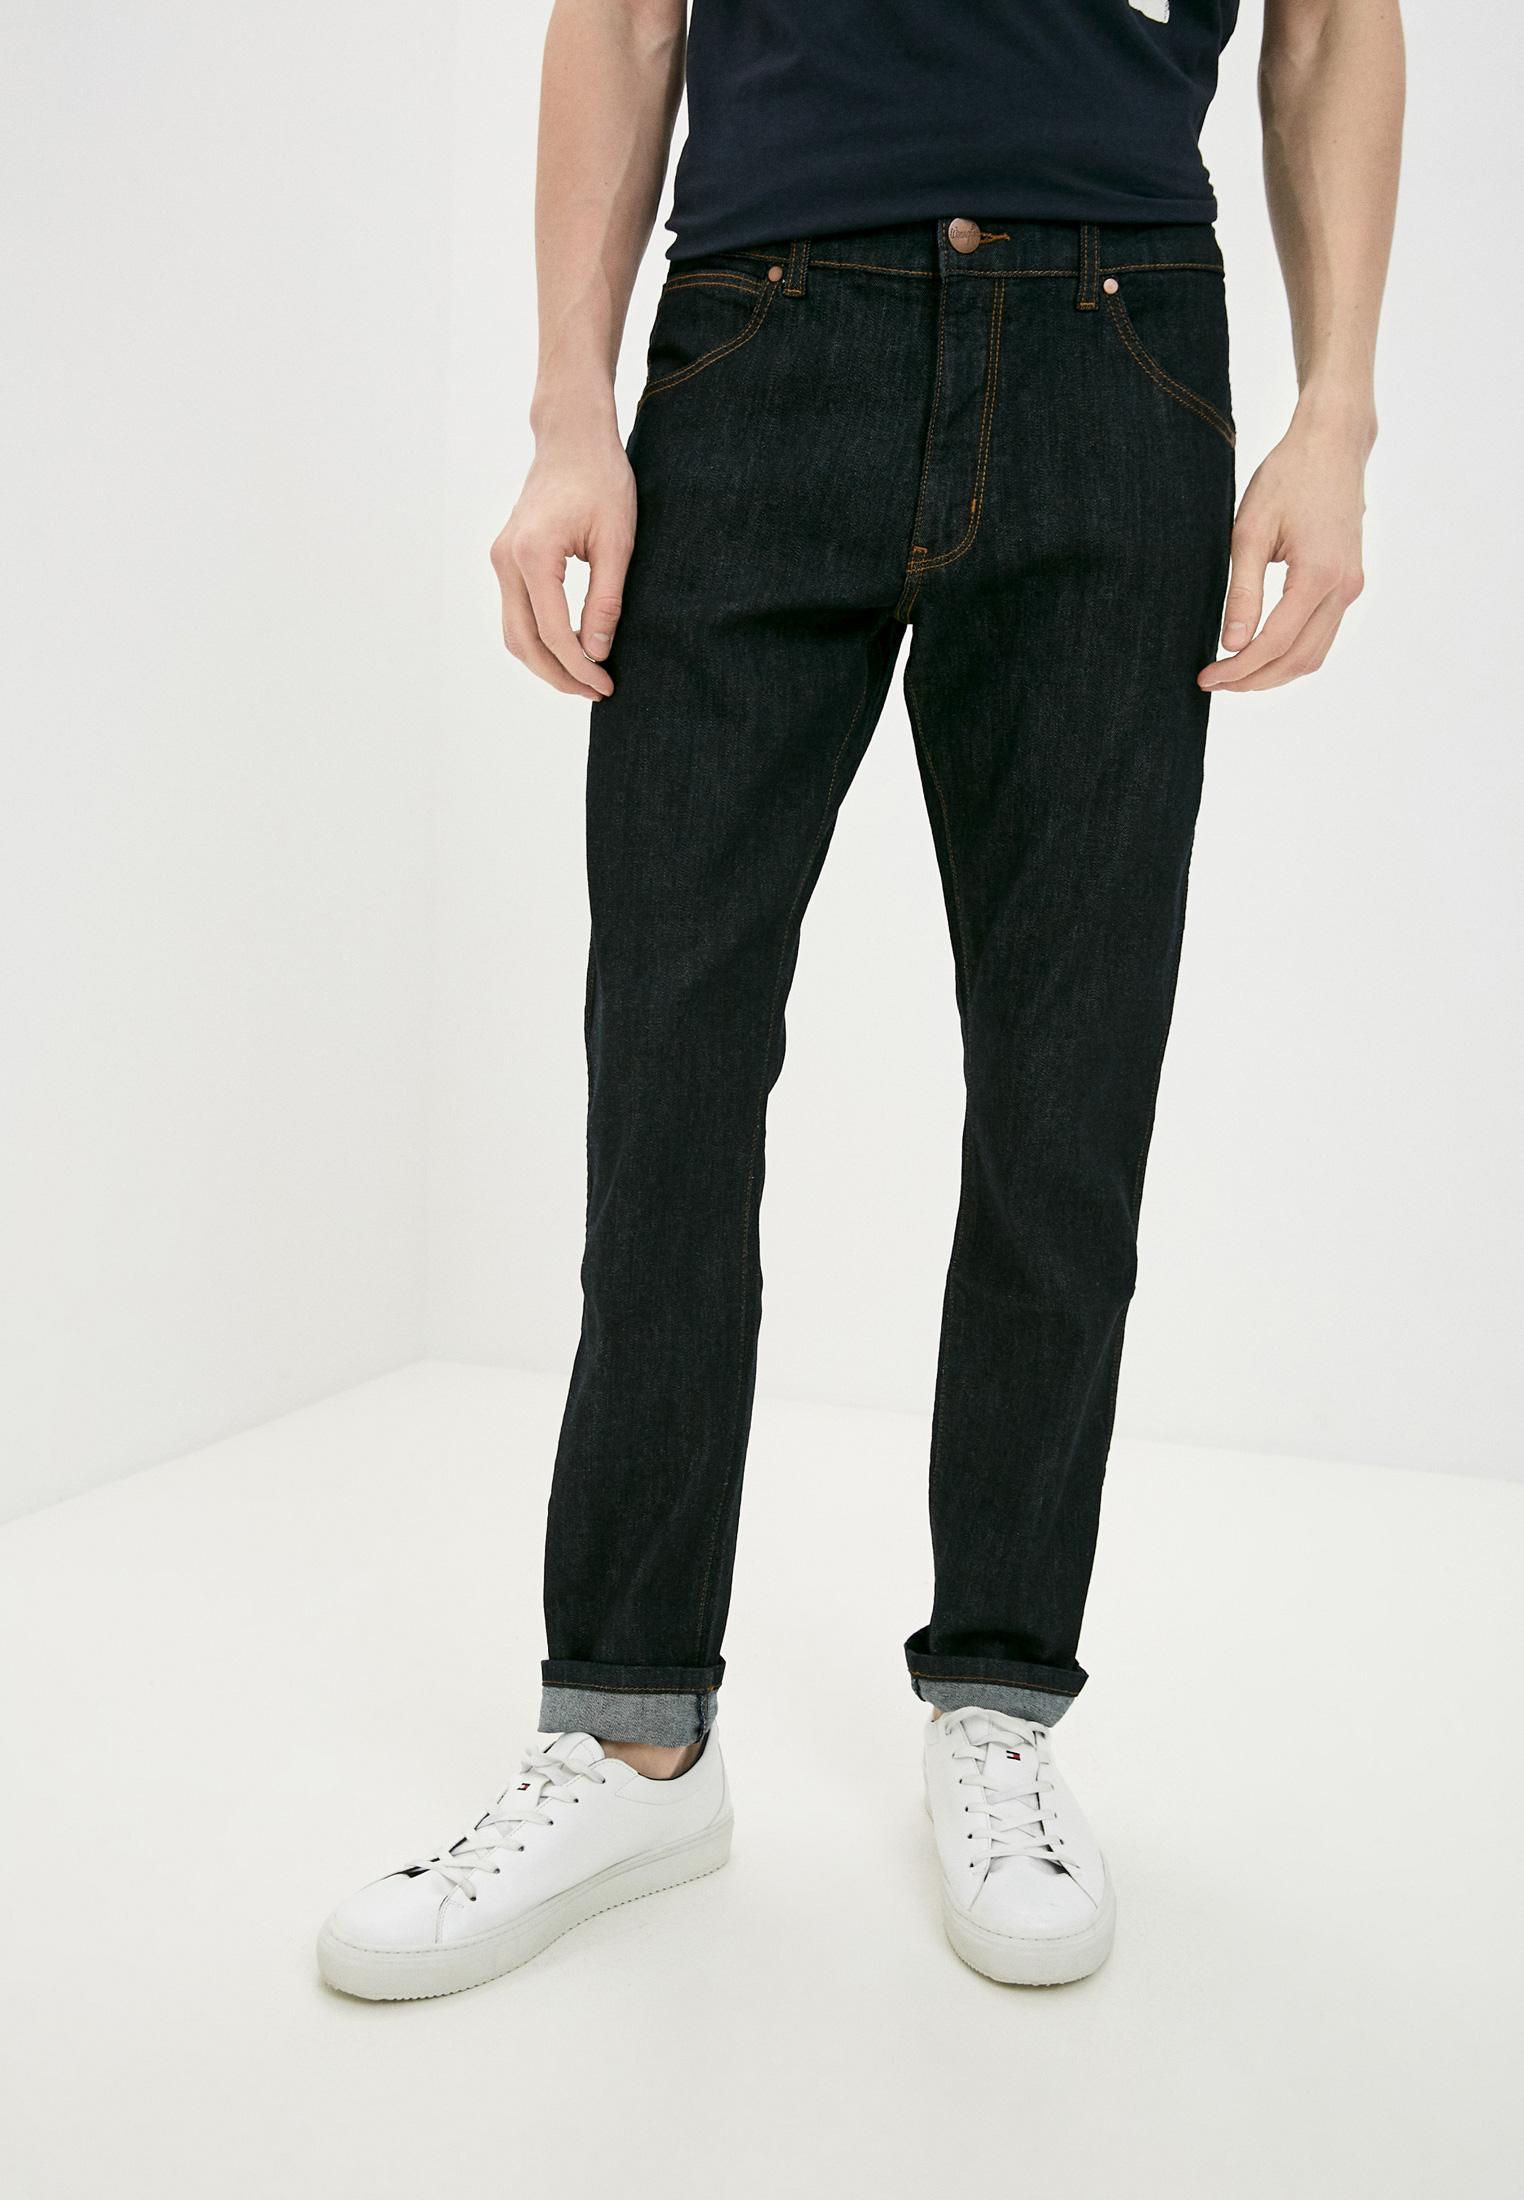 Мужские прямые джинсы Wrangler (Вранглер) Джинсы Wrangler